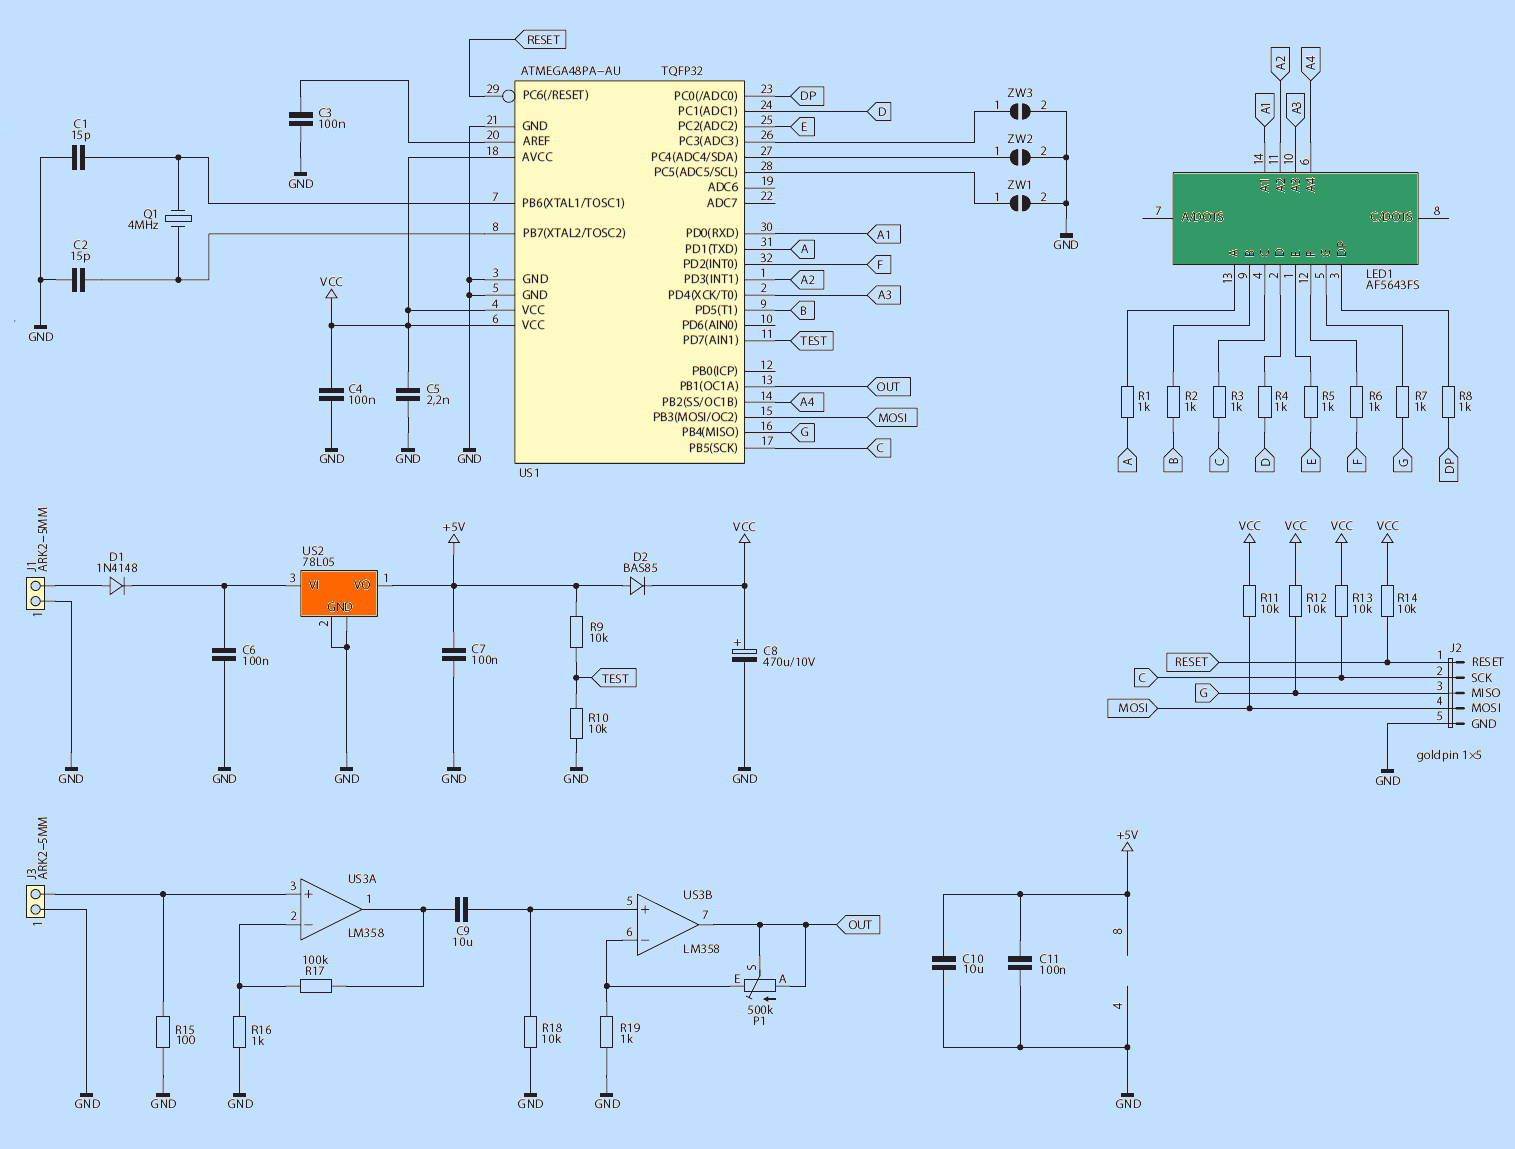 ATMEGA48 ASM-010 SCHEMATIC DIAGRAM